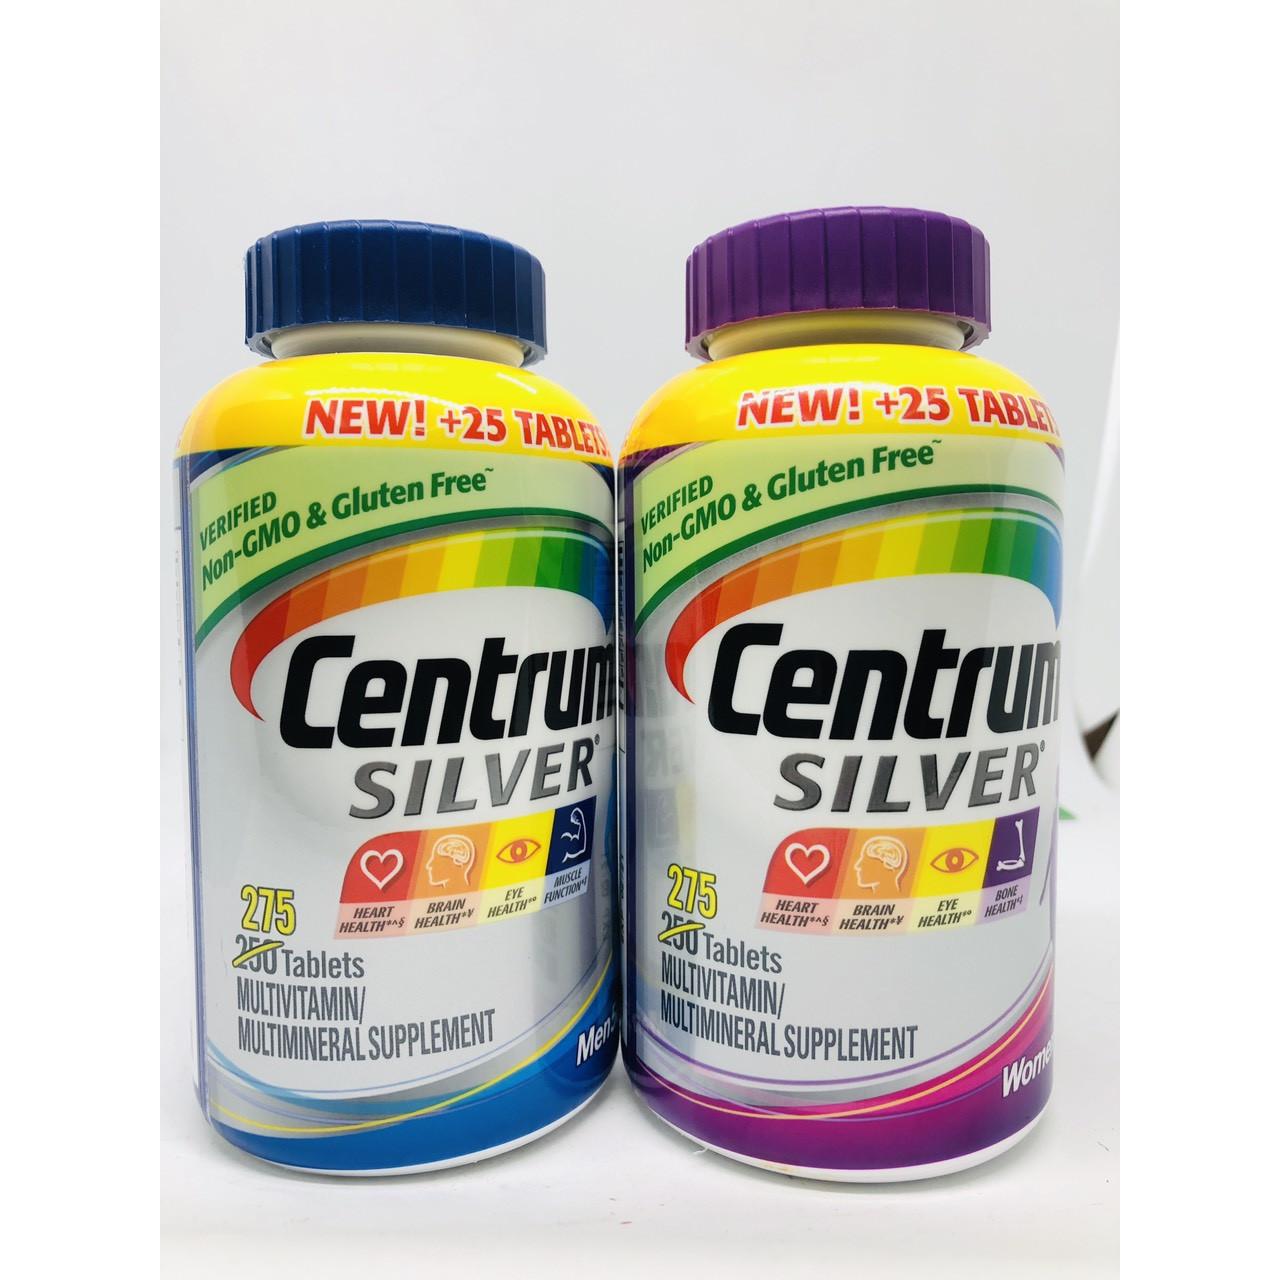 COMBO Thực phẩm bổ sung Centrm Men & Women Silver 50 275 viên mẫu mới của Mỹ GIÚP BỔ SUNG VITAMIN VÀ KHOÁNG CHẤT